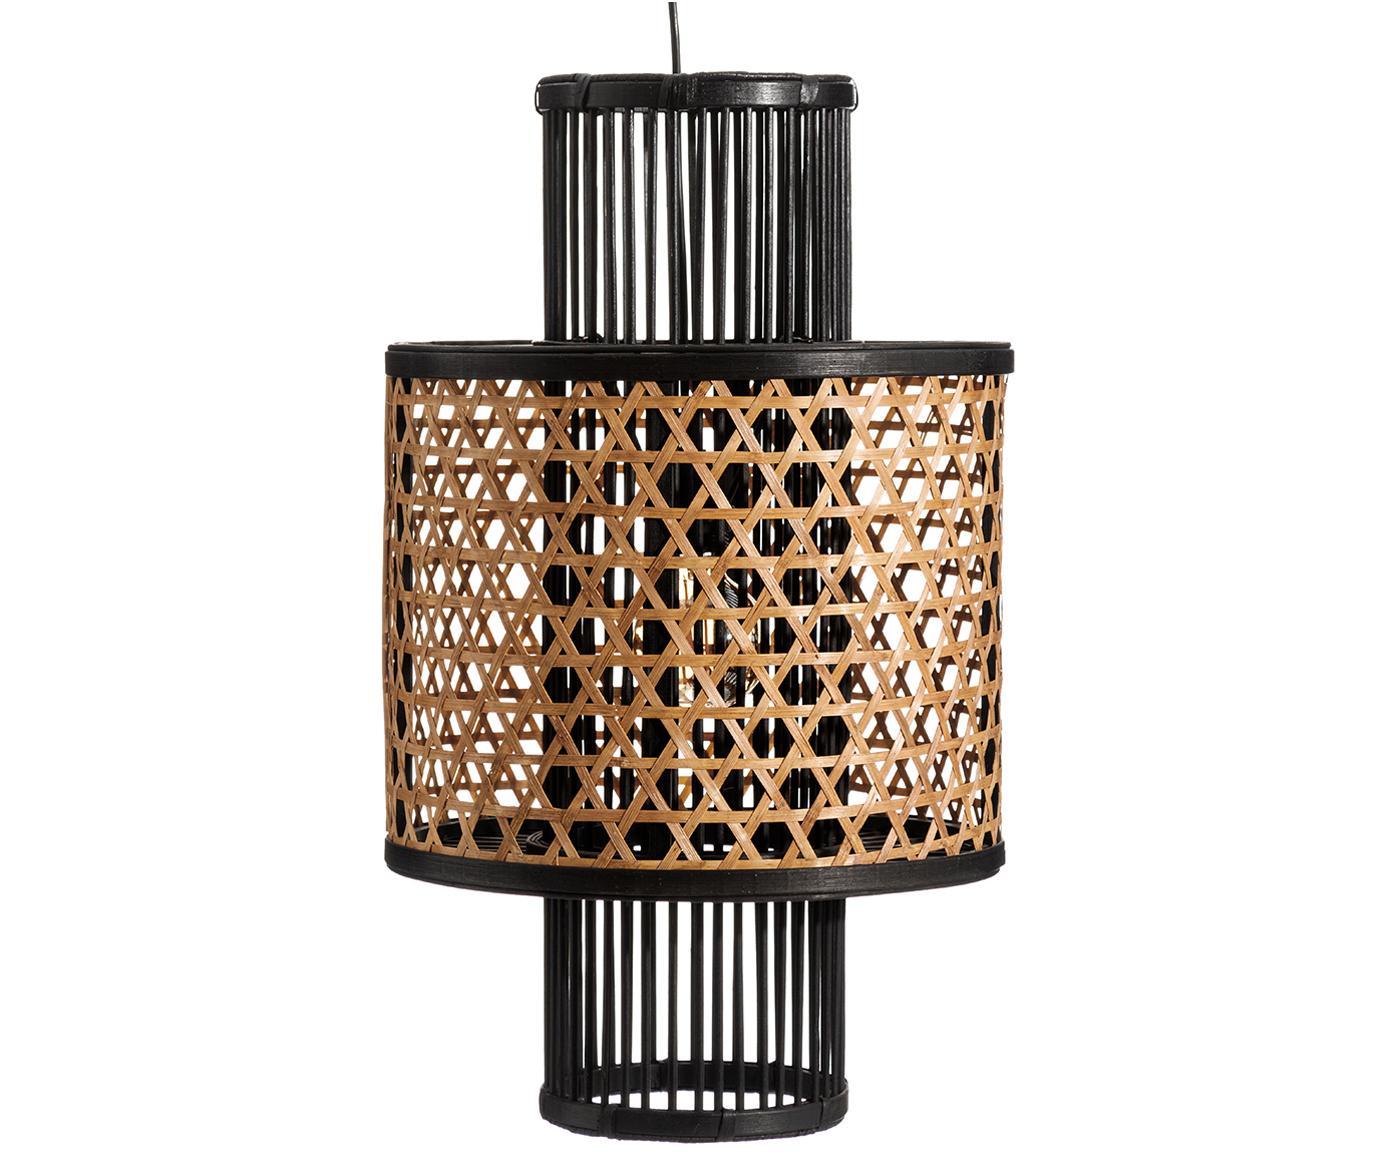 Pendelleuchte Susu aus Bambus, Lampenschirm: Bambus, Baldachin: Metall, beschichtet, Beige, Schwarz, Ø 36 x T 36 cm